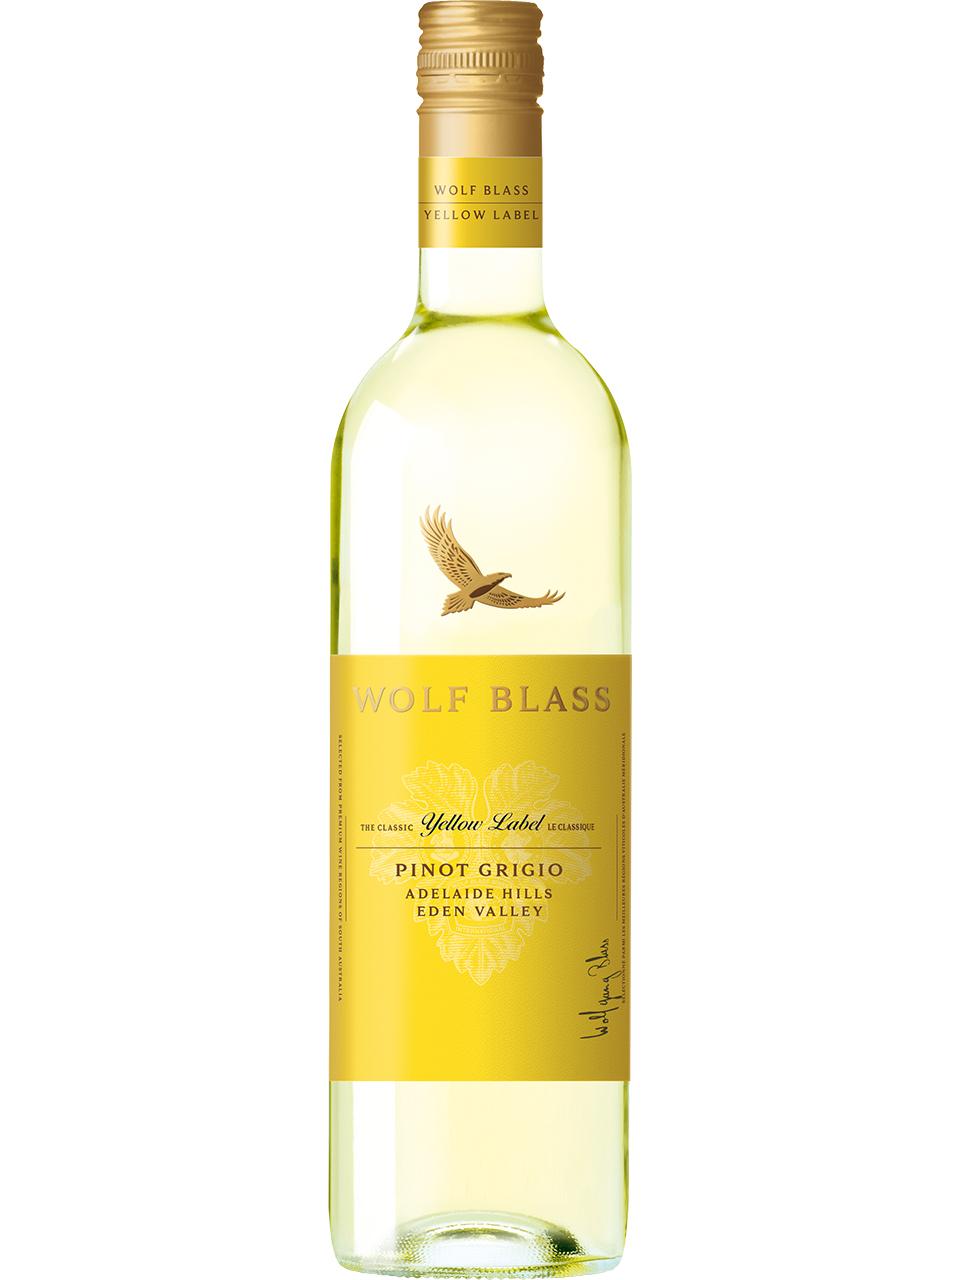 Wolf Blass Yellow Label Pinot Grigio